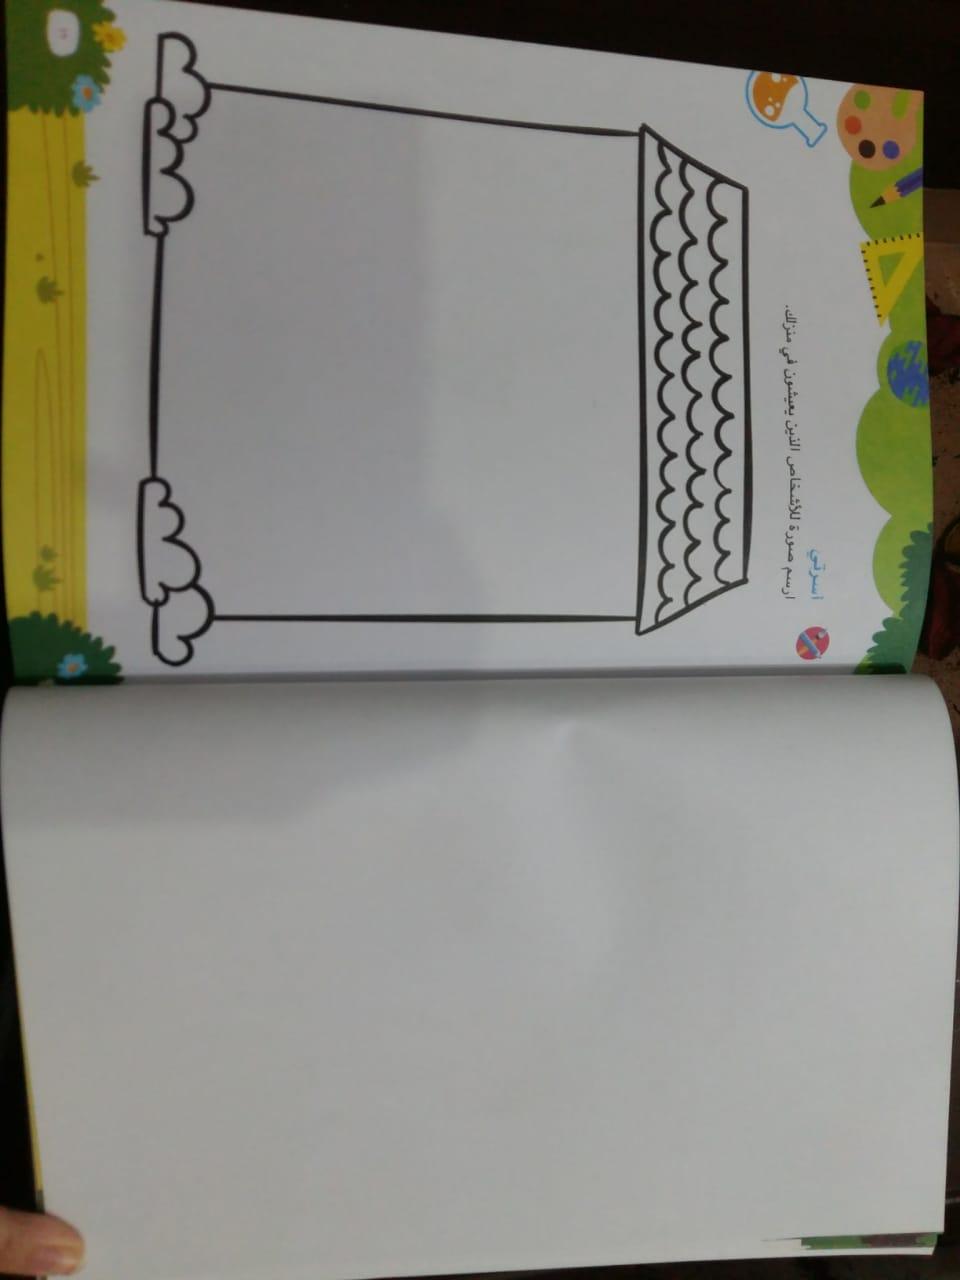 منهج رياض الأطفال الجديد (63)